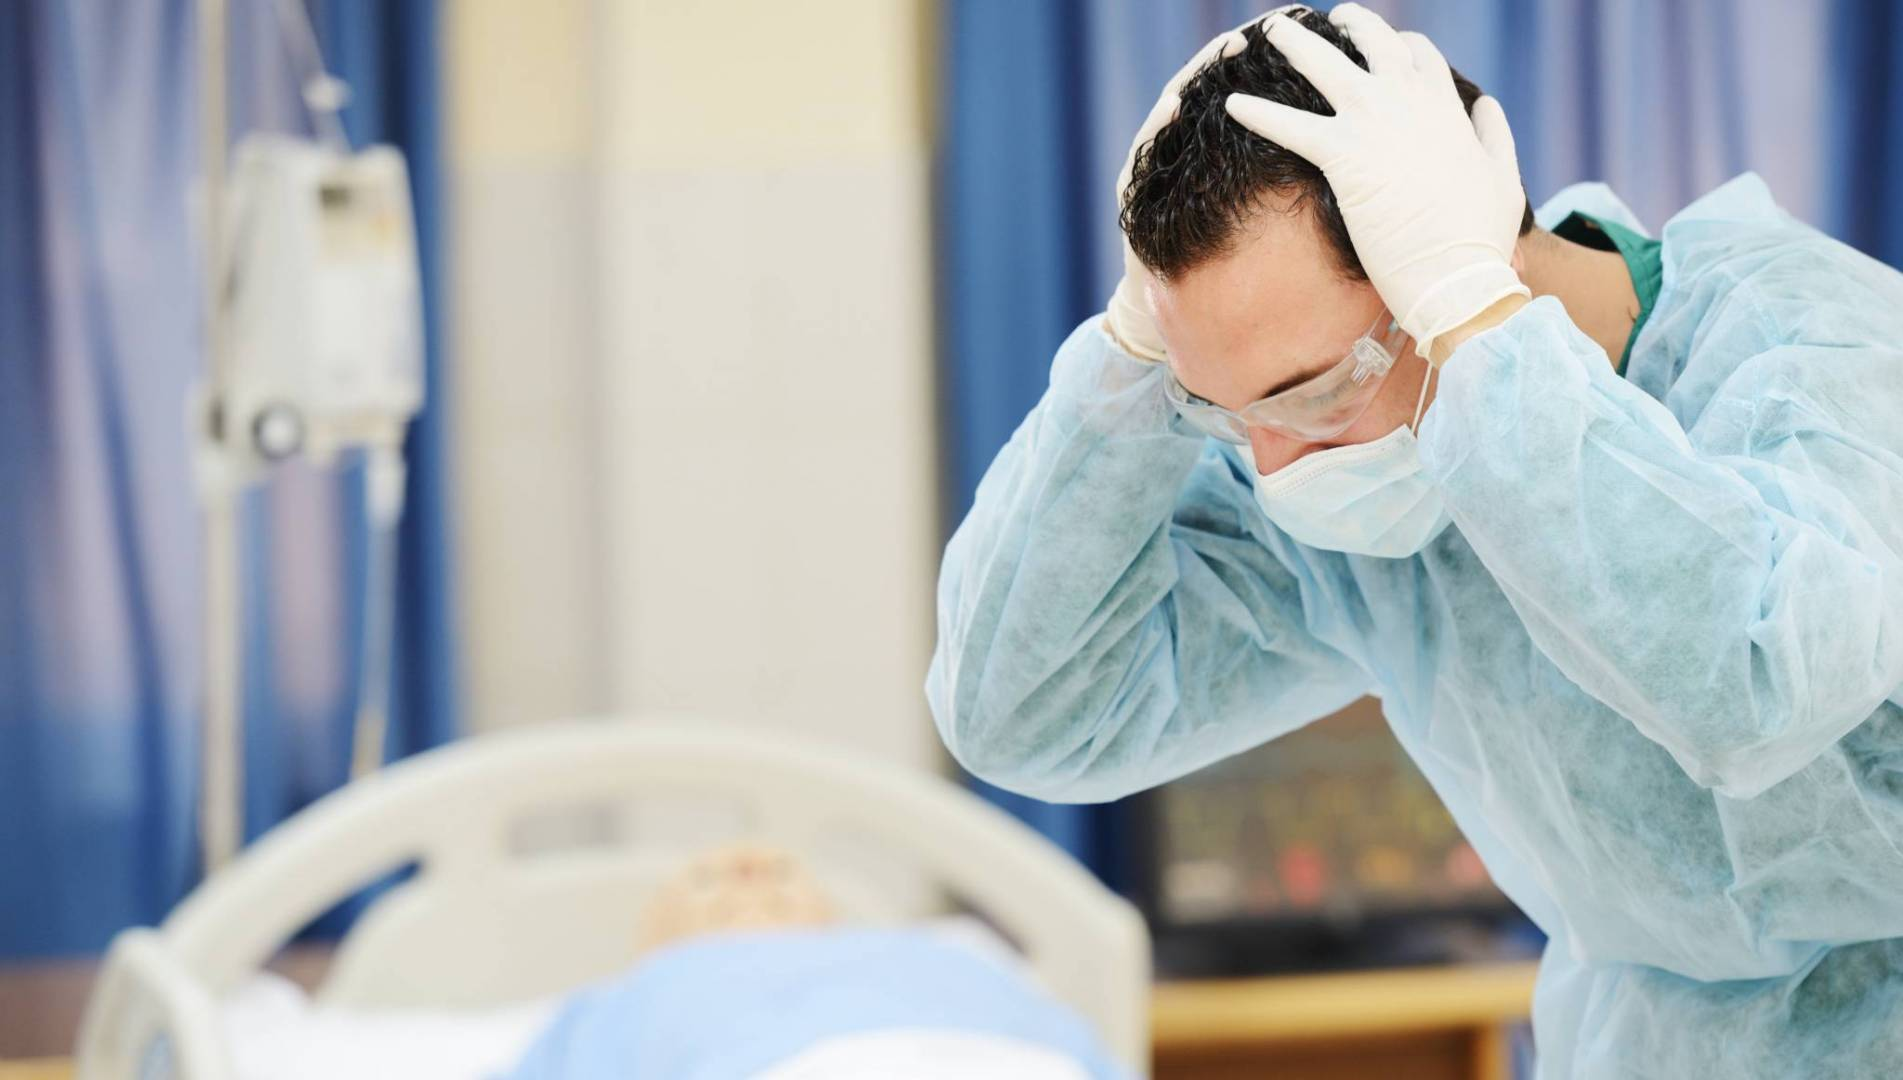 ردود فعل غاضبة بسبب وفاة  شابة بخطأ طبي في مشفى خاص بطرطوس